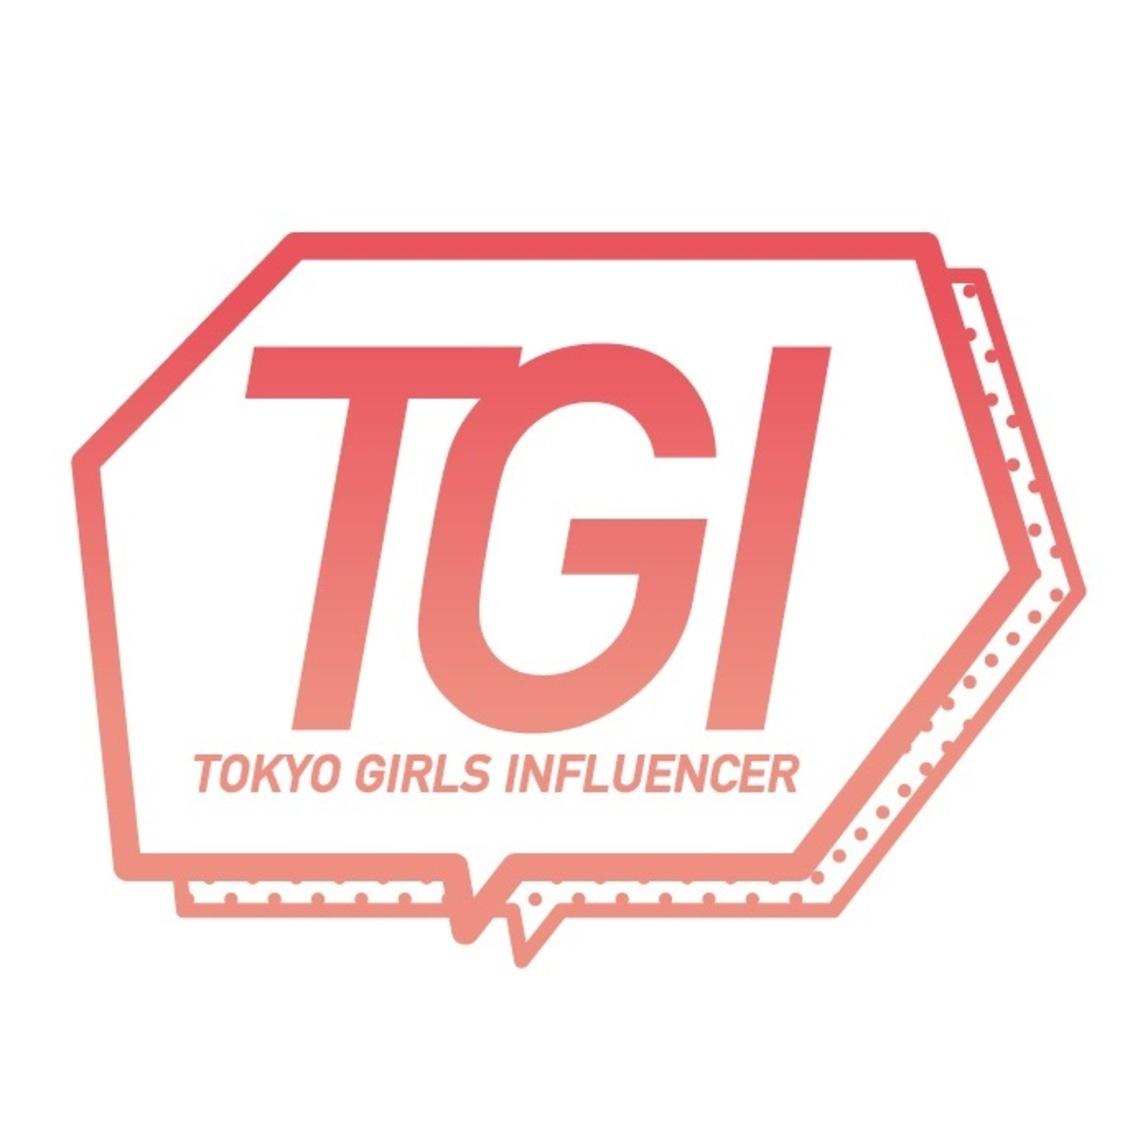 吉田朱里(NMB48)、景井ひな、加藤ひなた、さぁや、なごみ、<TGC>インフルエンサーチームを結成!